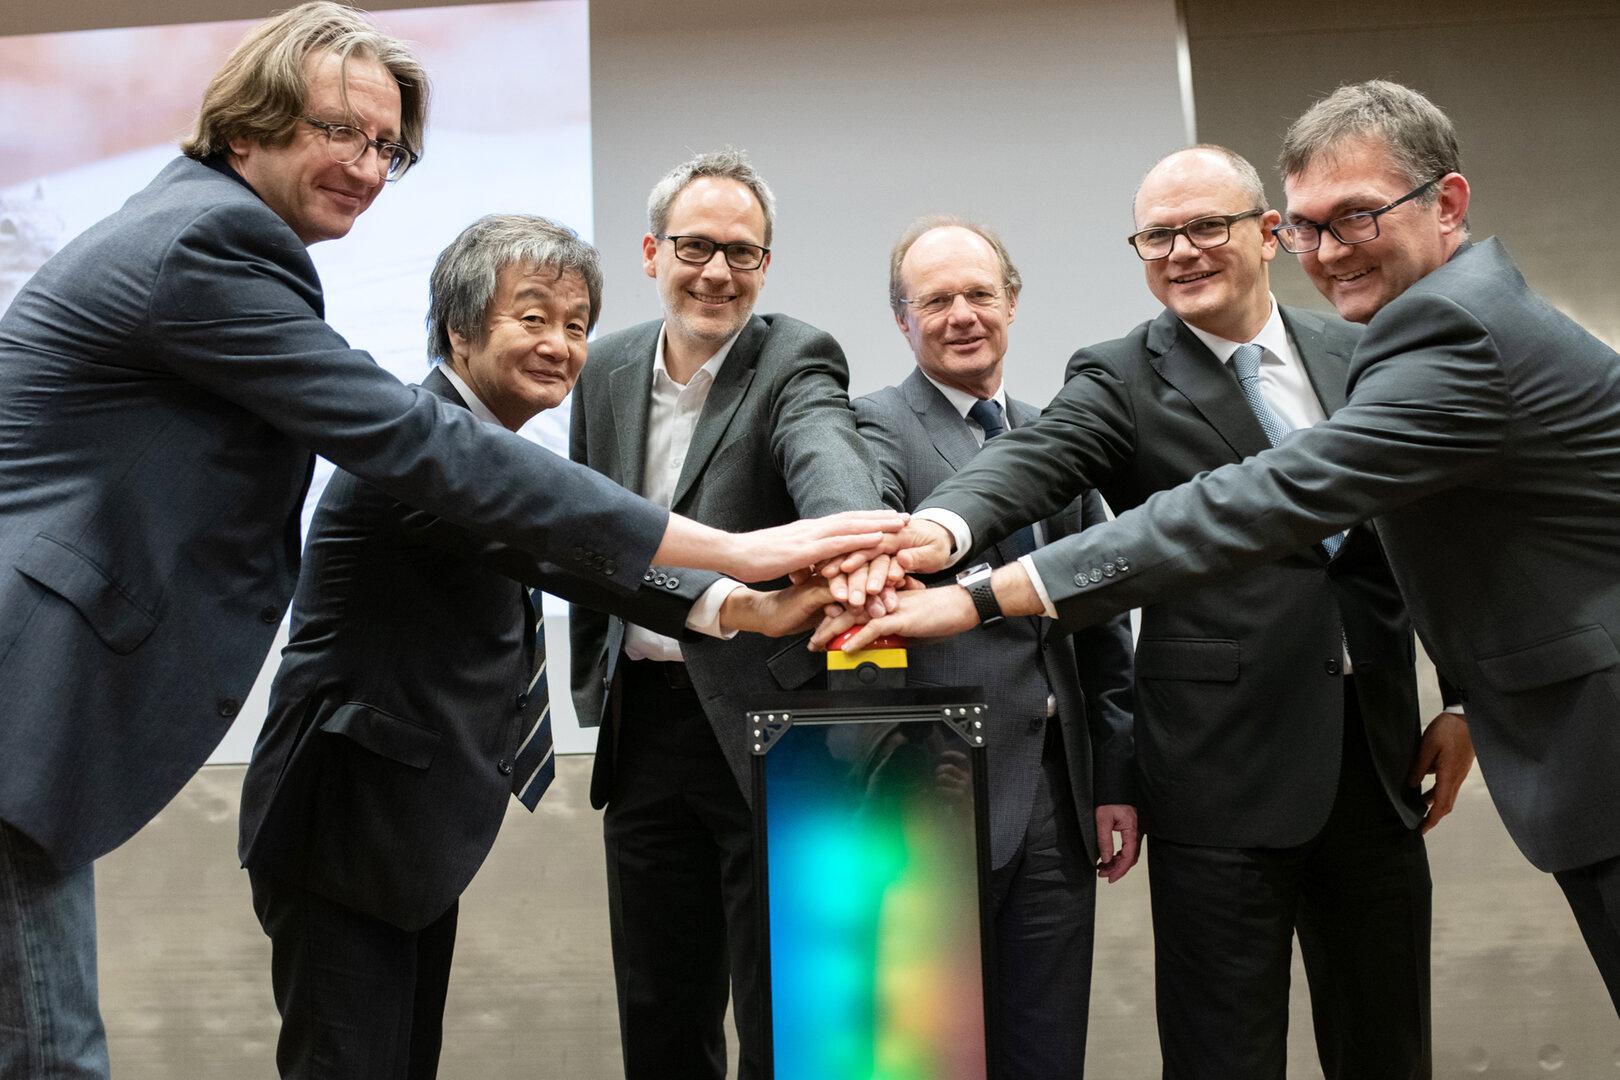 Drückten den Startknopf für den Supercomputer JUSTUS 2 (v.l.): Prof. Fedor Jelezko, Yuichi Kojima (NEC), Prof. Andreas Köhn, Uni-Präsident Prof. Michael Weber, Ulrich Steinbach (MWK) und Prof. Stefan Wesner